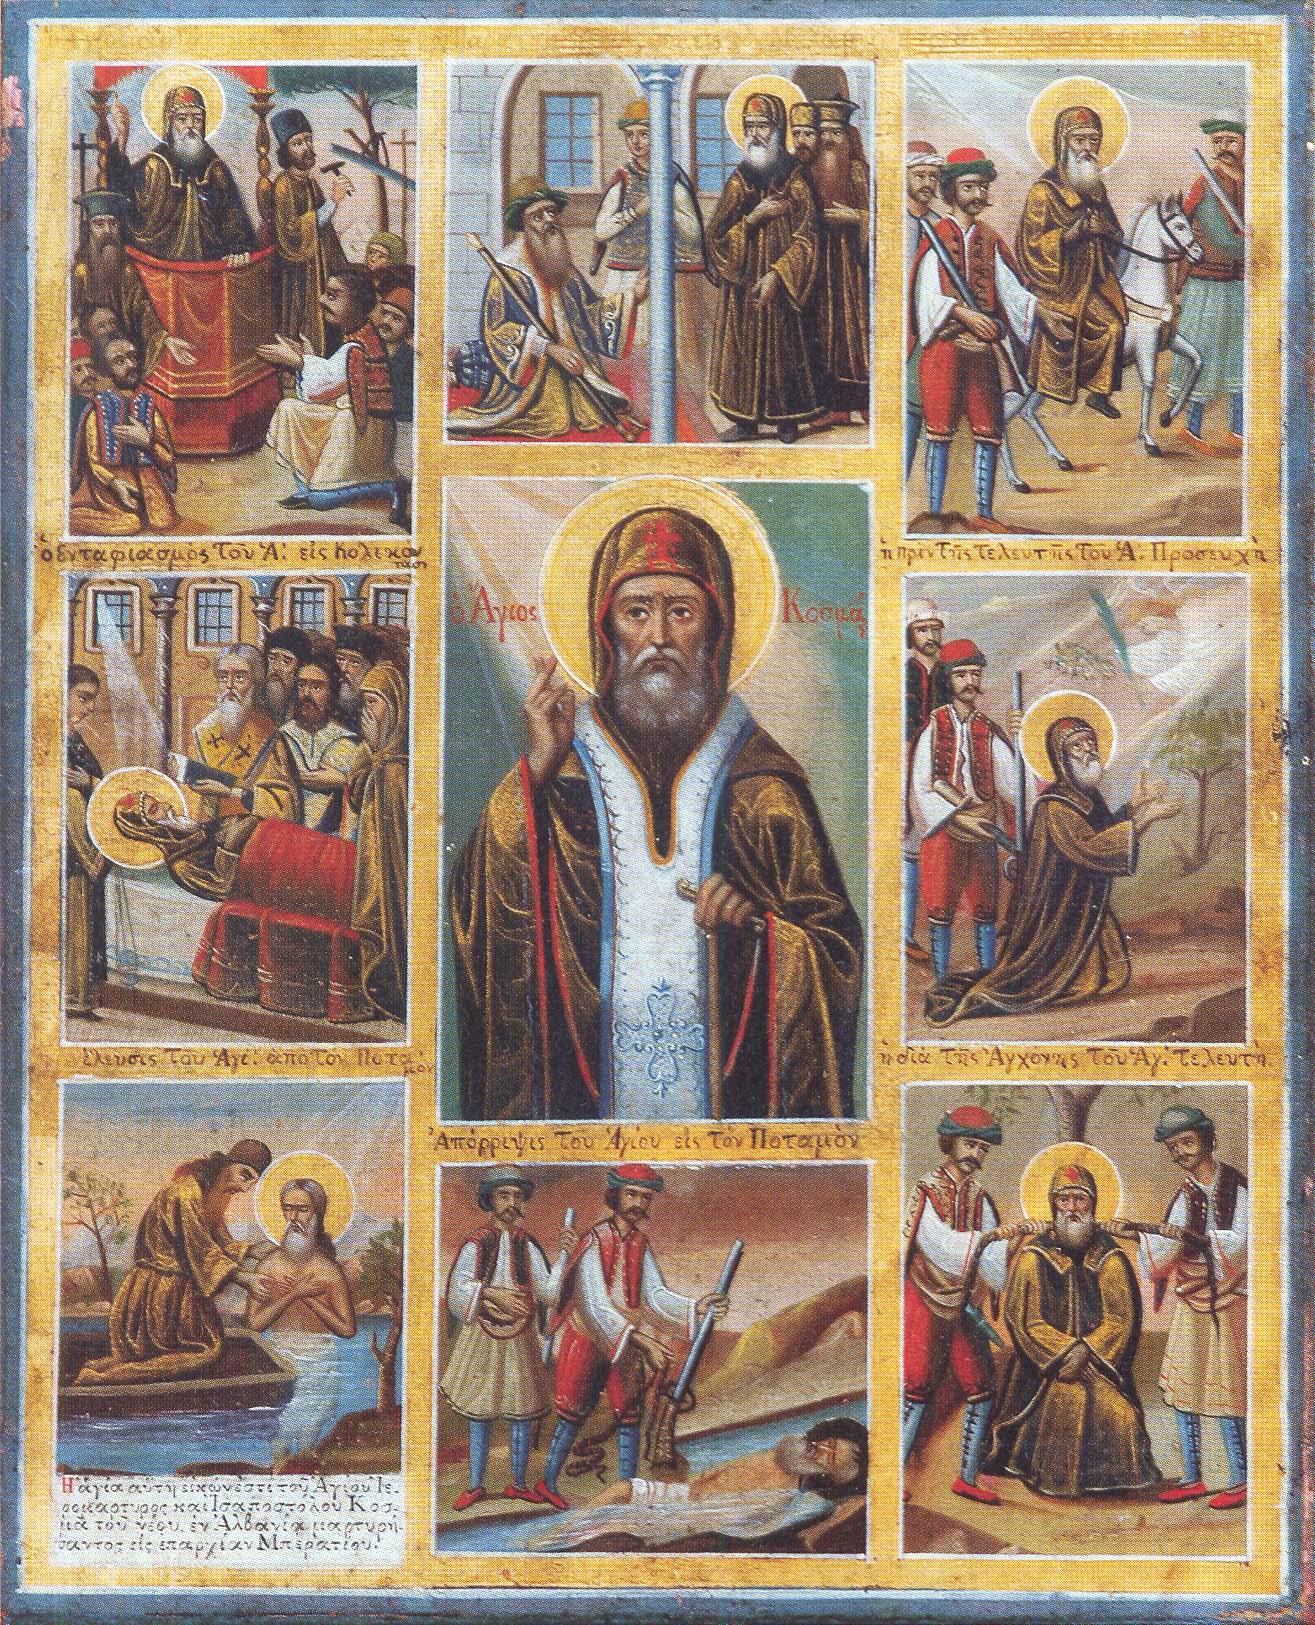 Ο Άγιος Κοσμάς ο Αιτωλός, με σκηνές του μαρτυρίου του. Φορητή εικόνα Ι. Κ. Αγίας Άννης - Καρυών (19ος αι.).